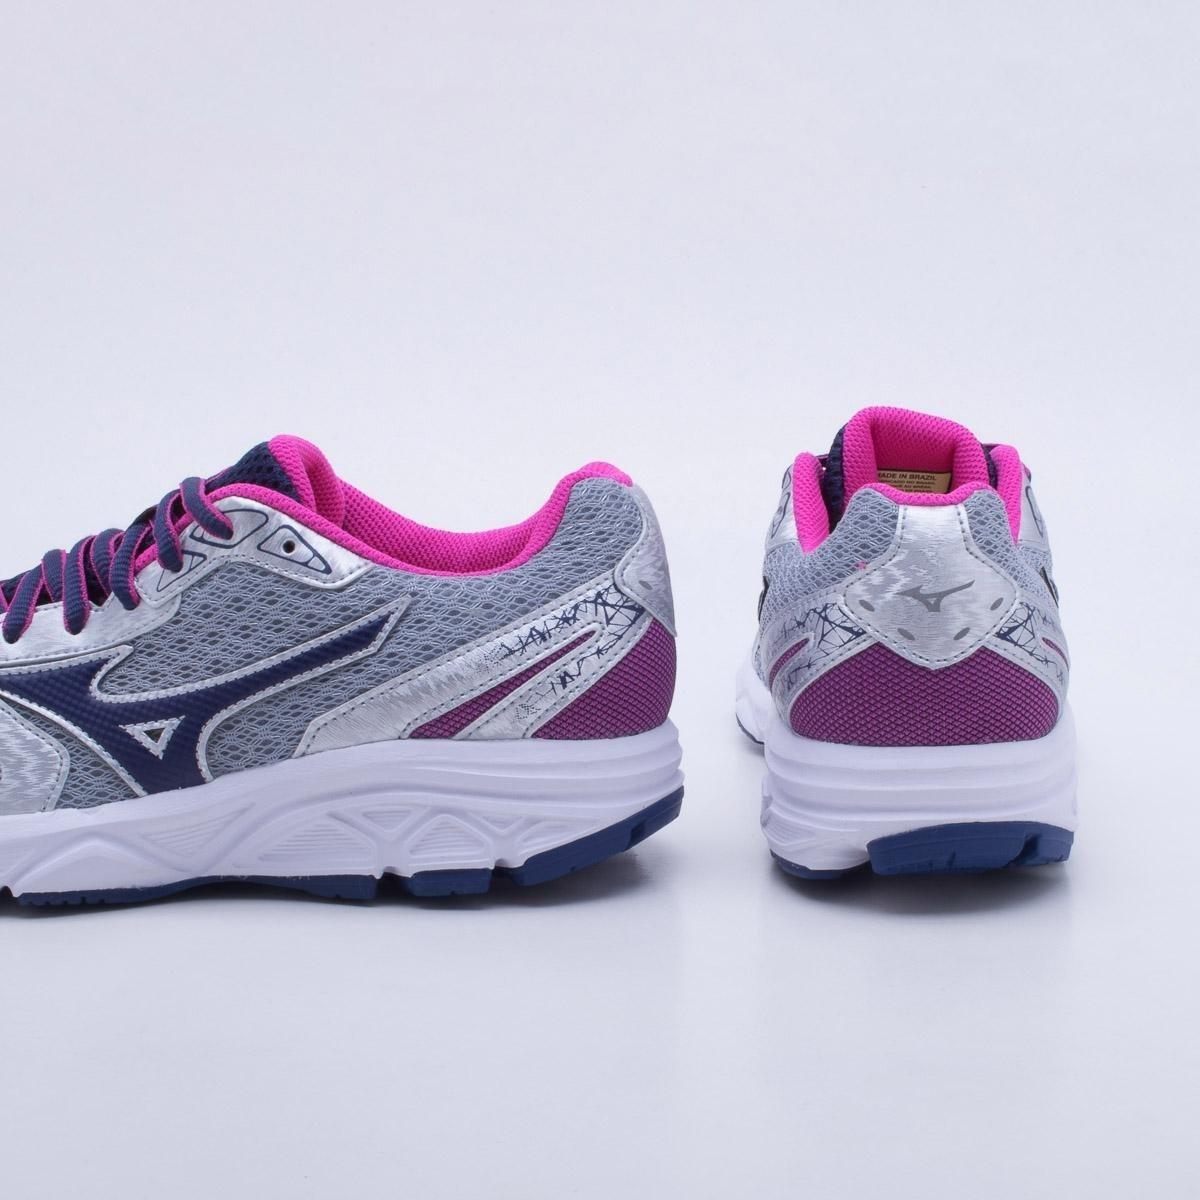 6c986a70516 tênis mizuno jet 2 n feminino - prata e rosa promoção. Carregando zoom.